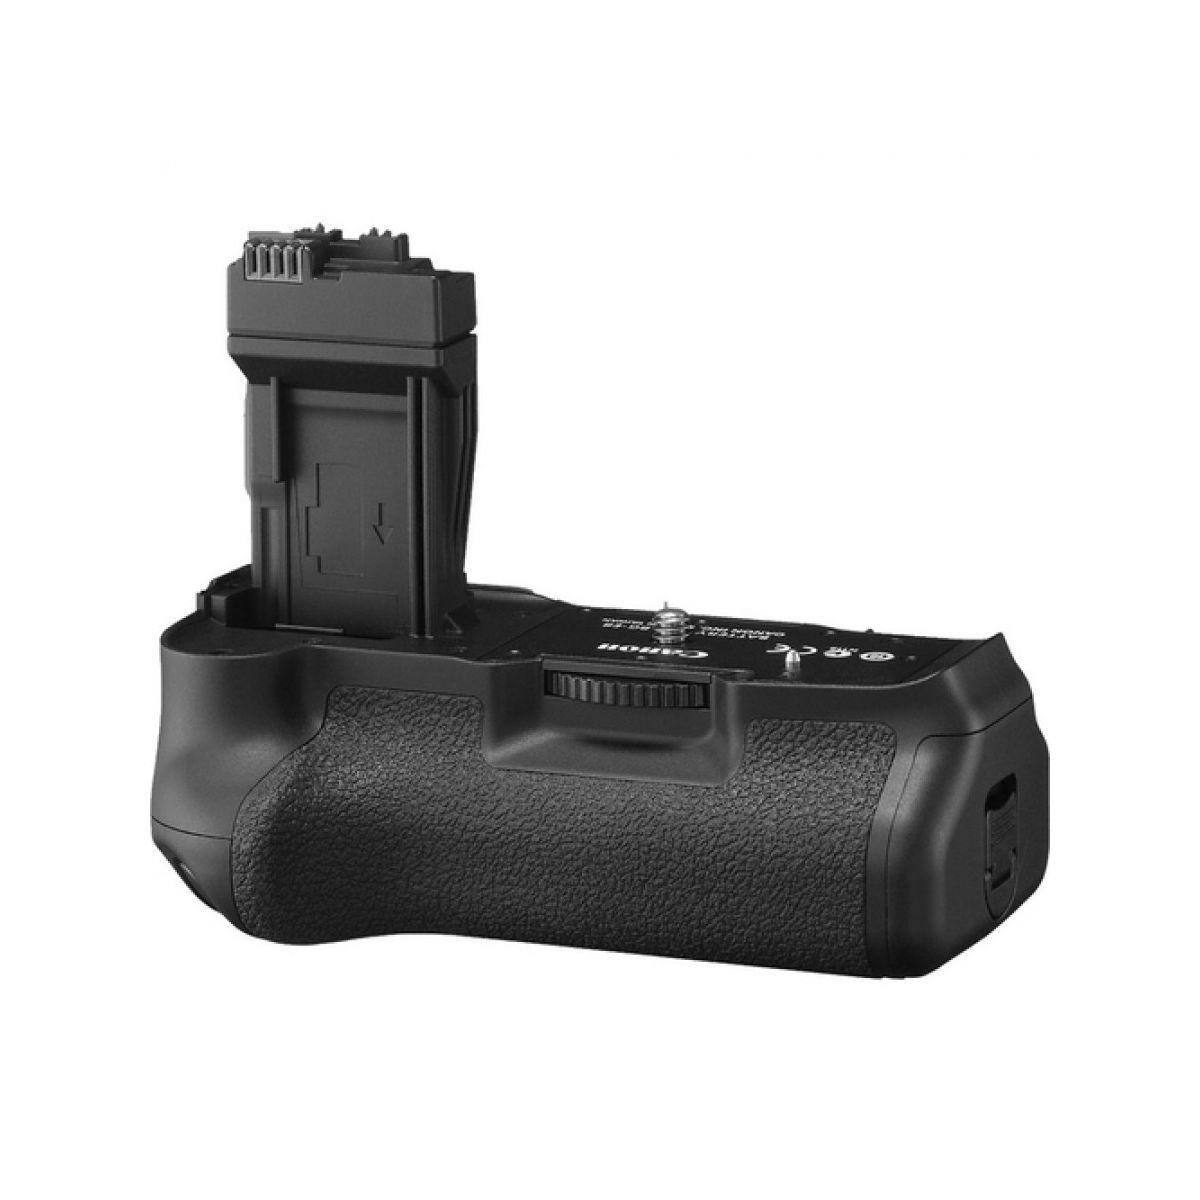 Canon grip bg-e8 (photo)